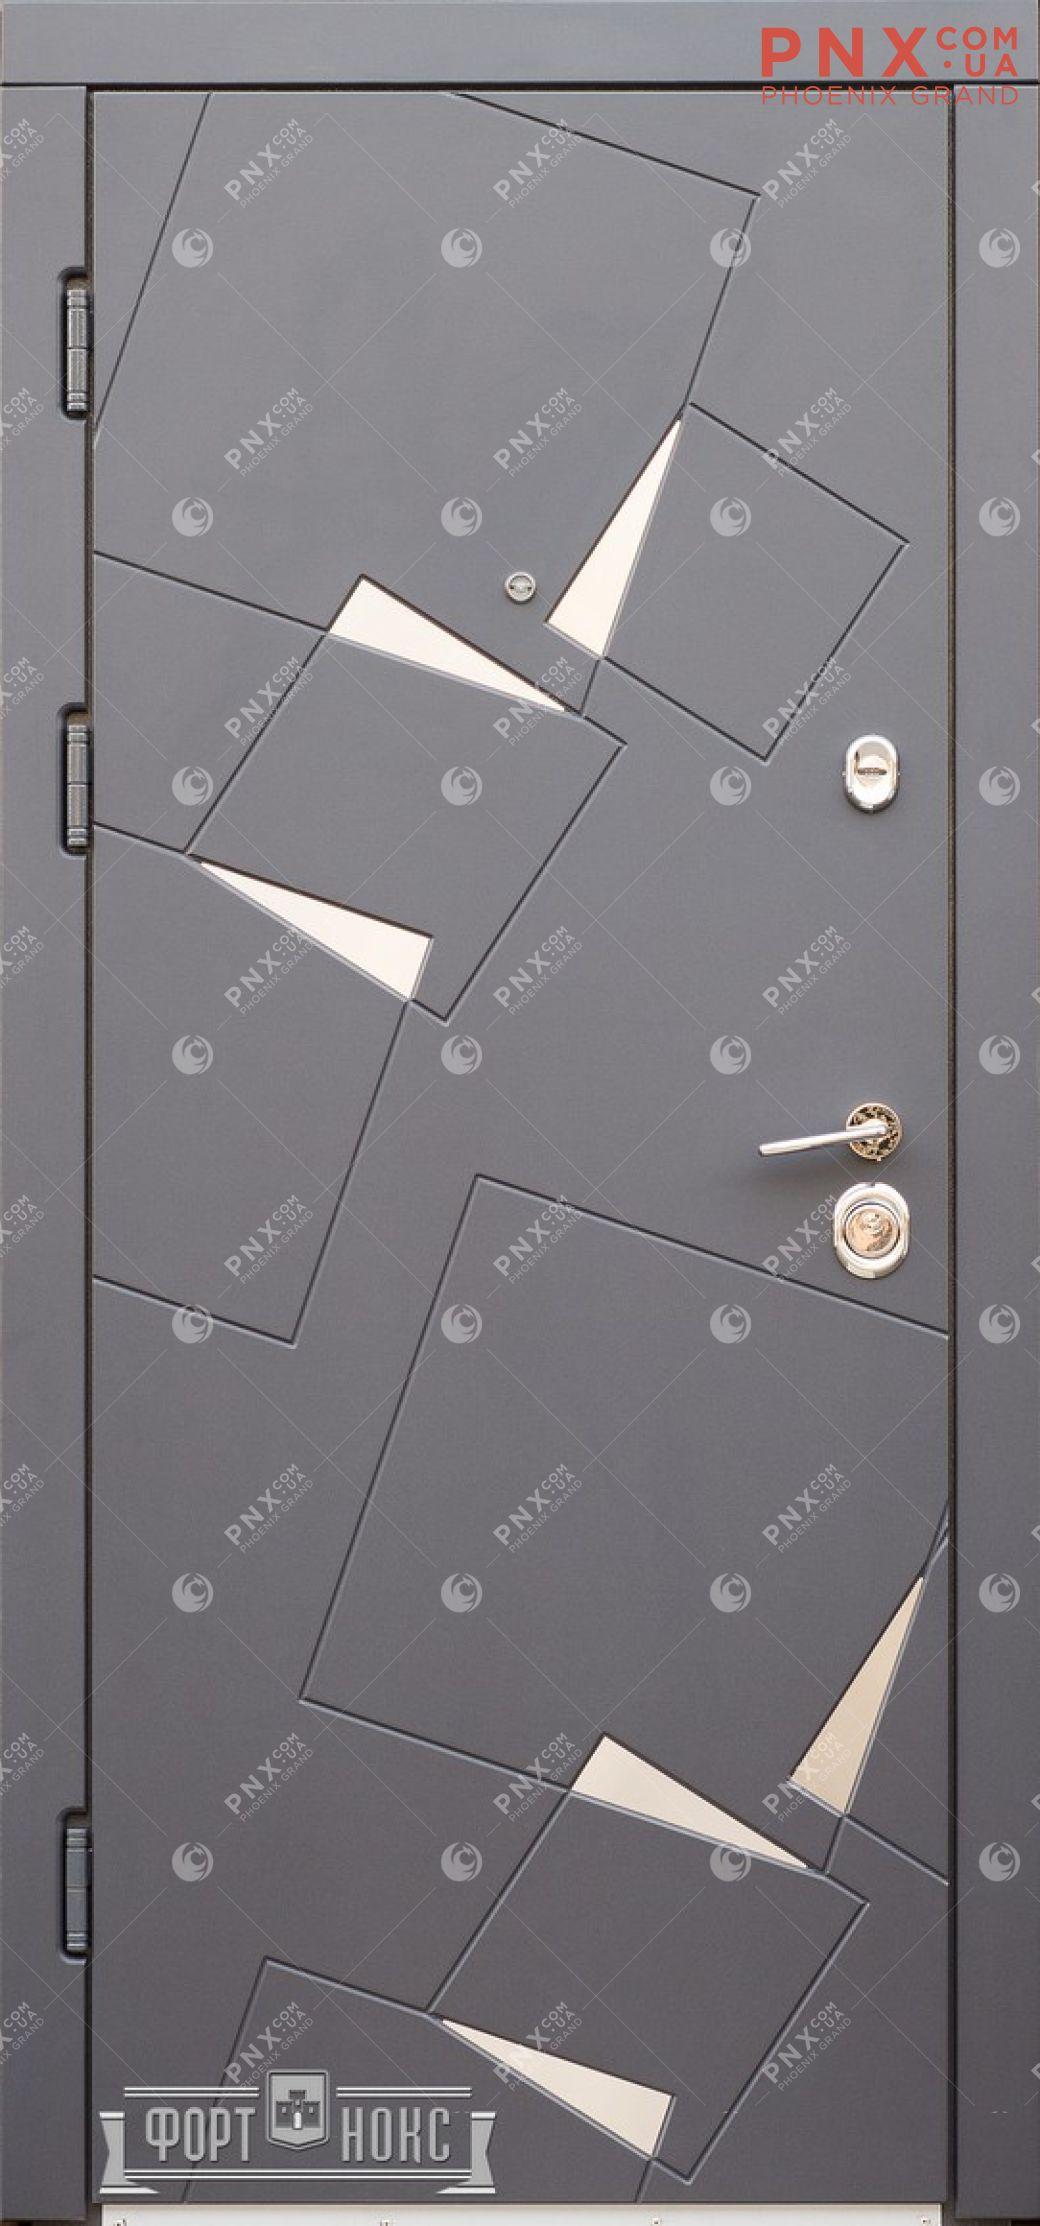 Входная дверь Форт Нокс, Стандарт, Алькор, металл/мдф Серый муар 7024 + нерж. Вставки/Бетон кремовый DL 38